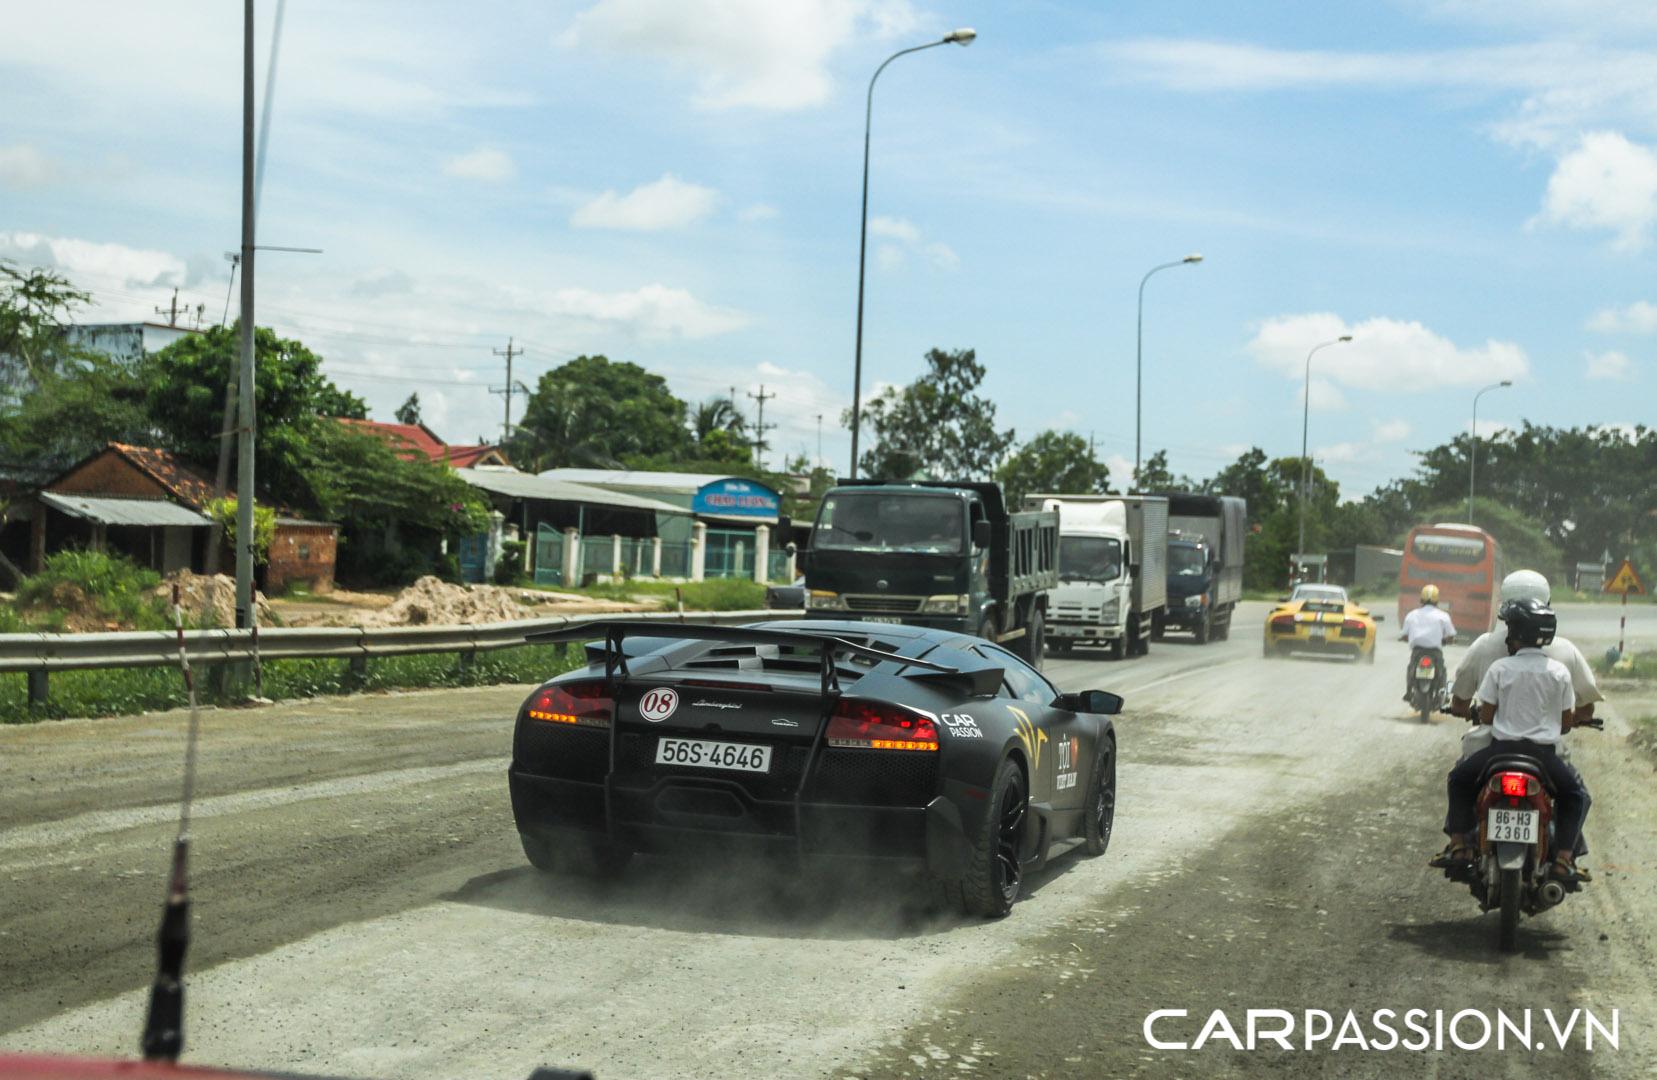 CP-Hành trình siêu xe CarPassion 2011 (140).jpg